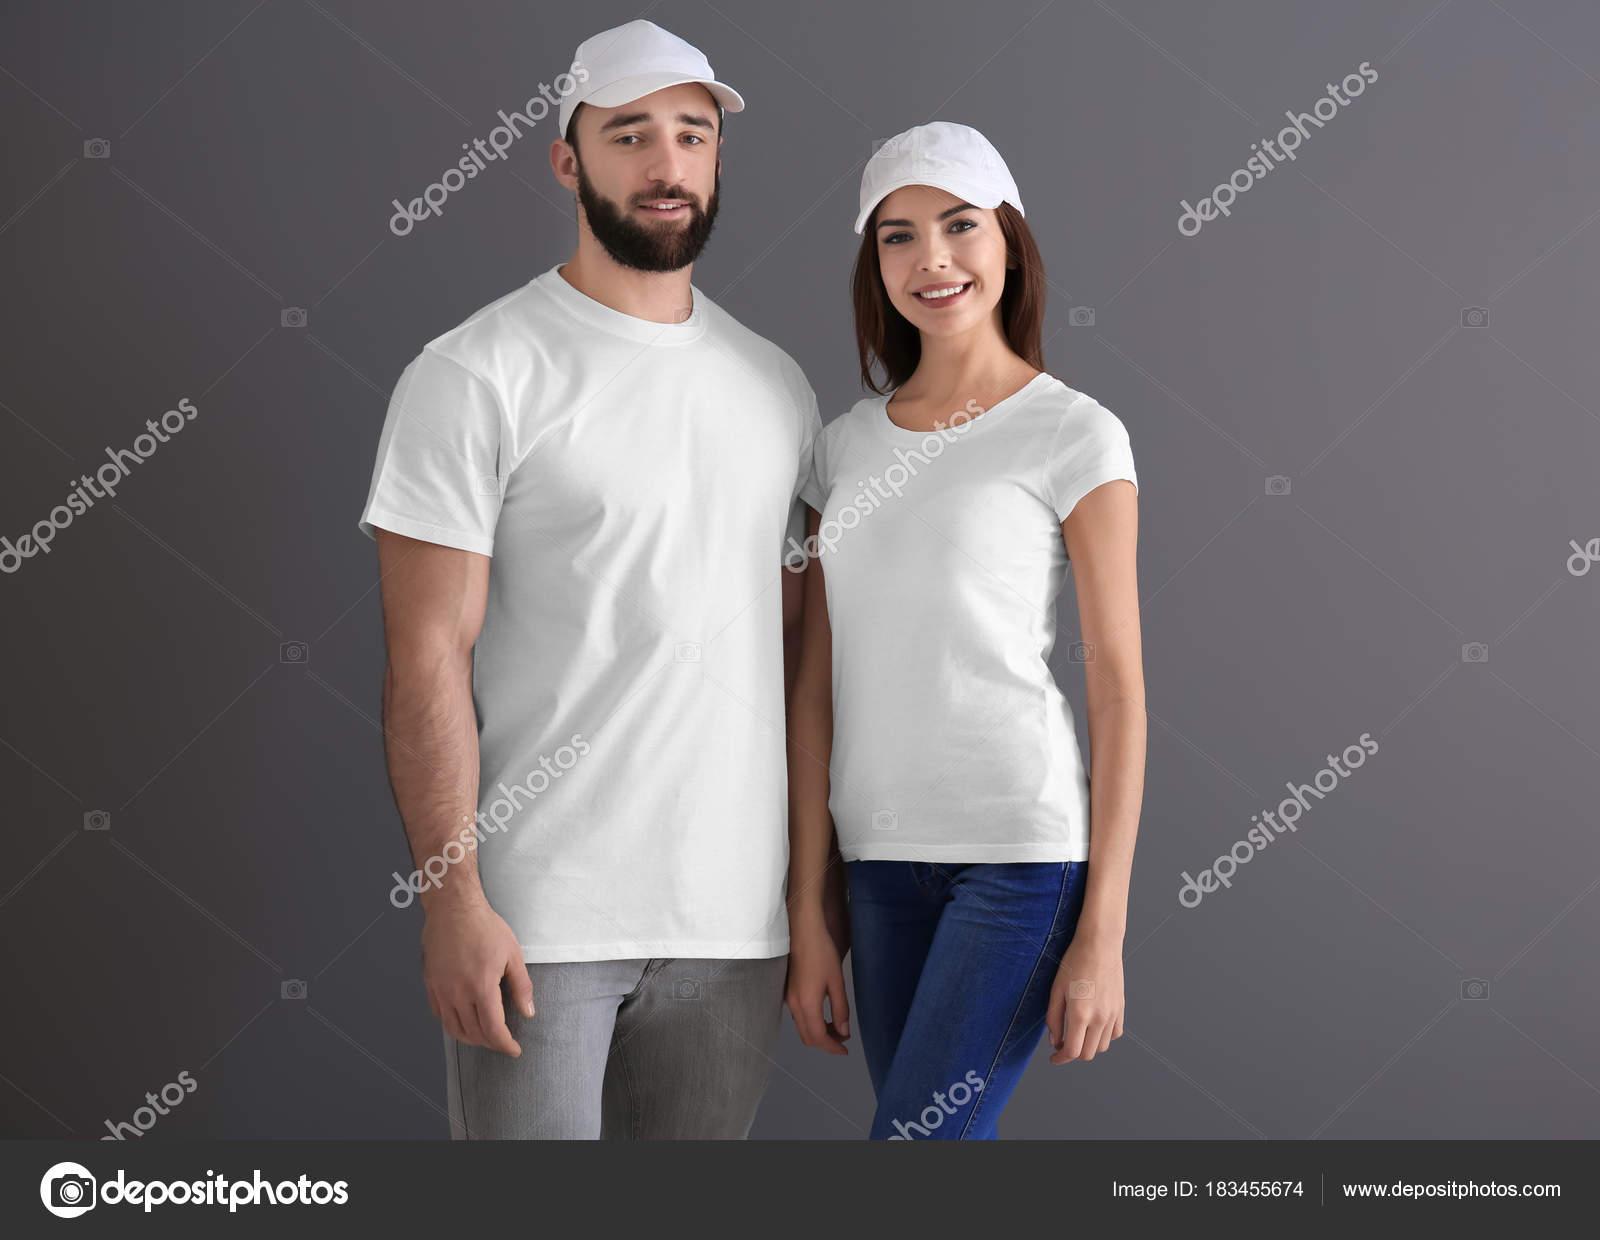 b8c2c4c8f6 Młody mężczyzna i kobieta w stylowe białe koszulki na szarym tle. Makieta  do projekt– obraz stockowy